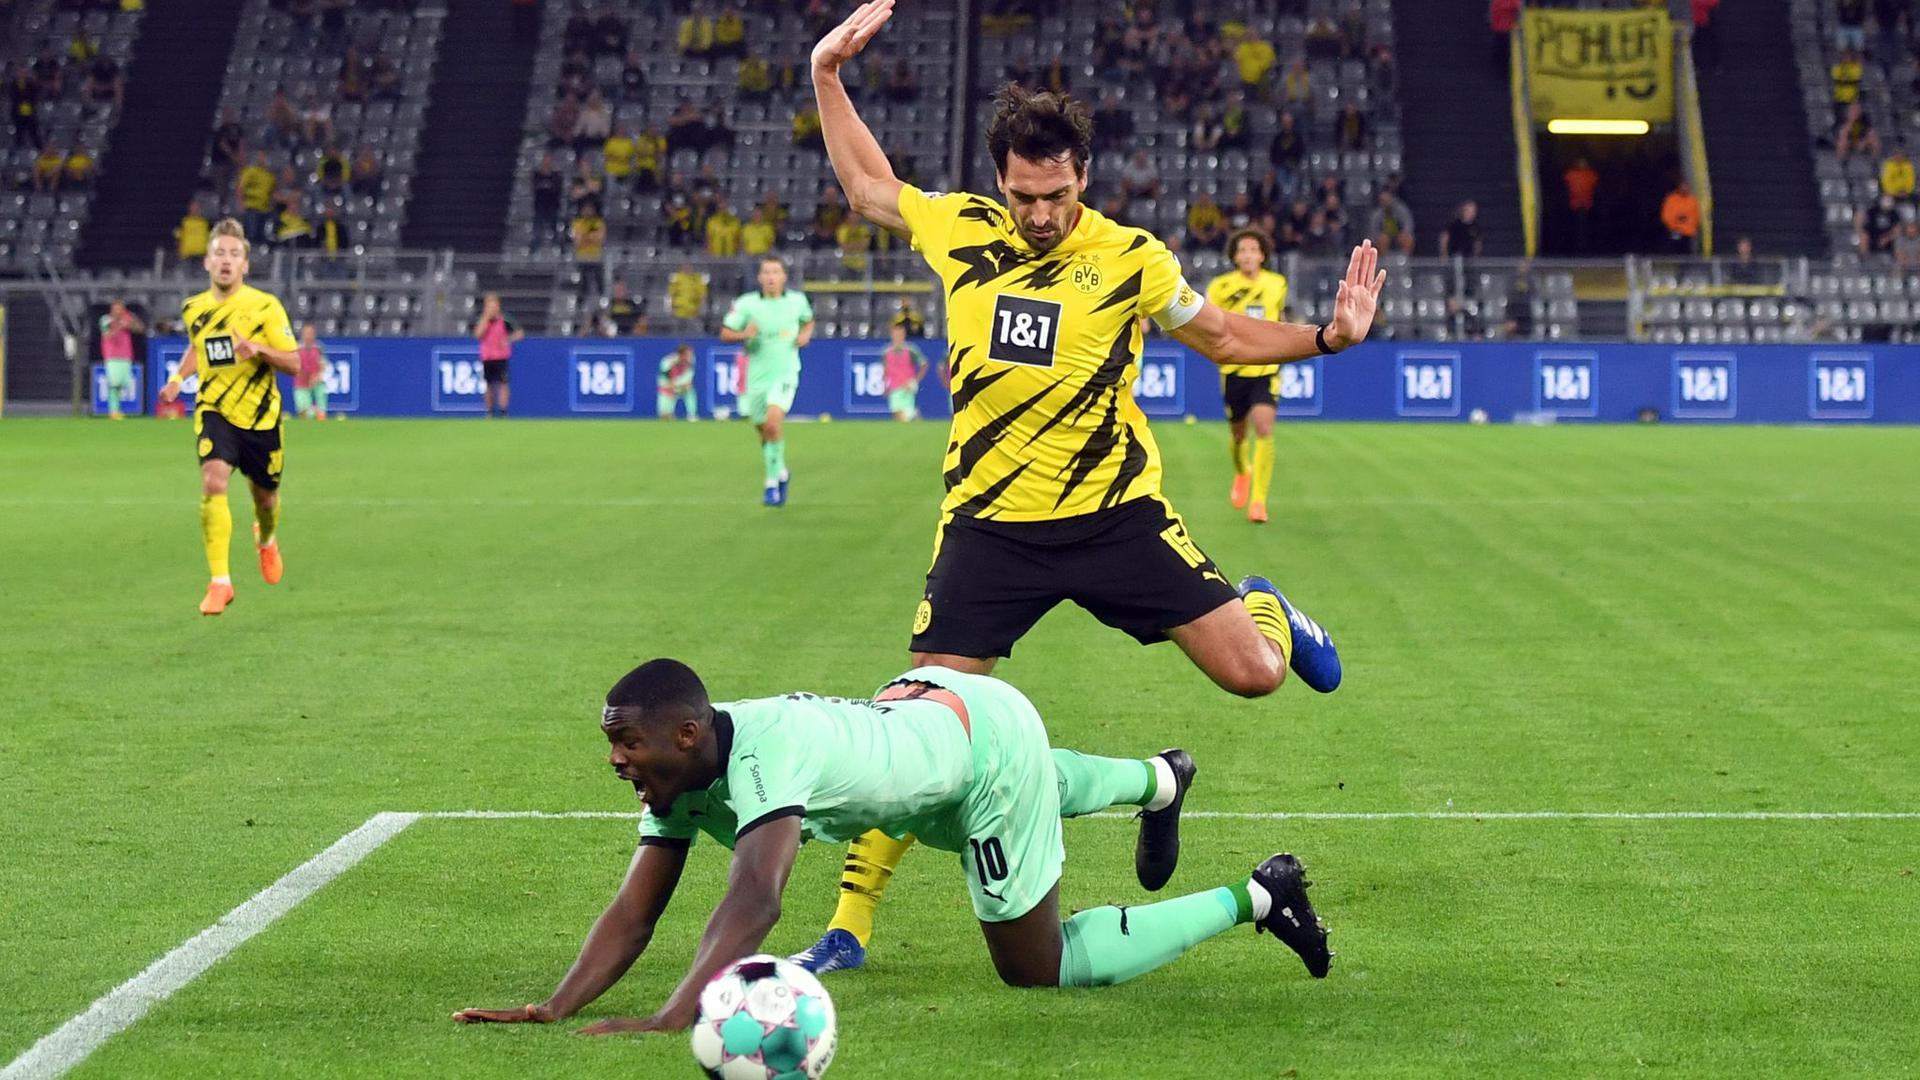 Das Traditionsduell Borussia Mönchengladbach gegen Borussia Dortmund birgt immer jede Menge Brisanz.